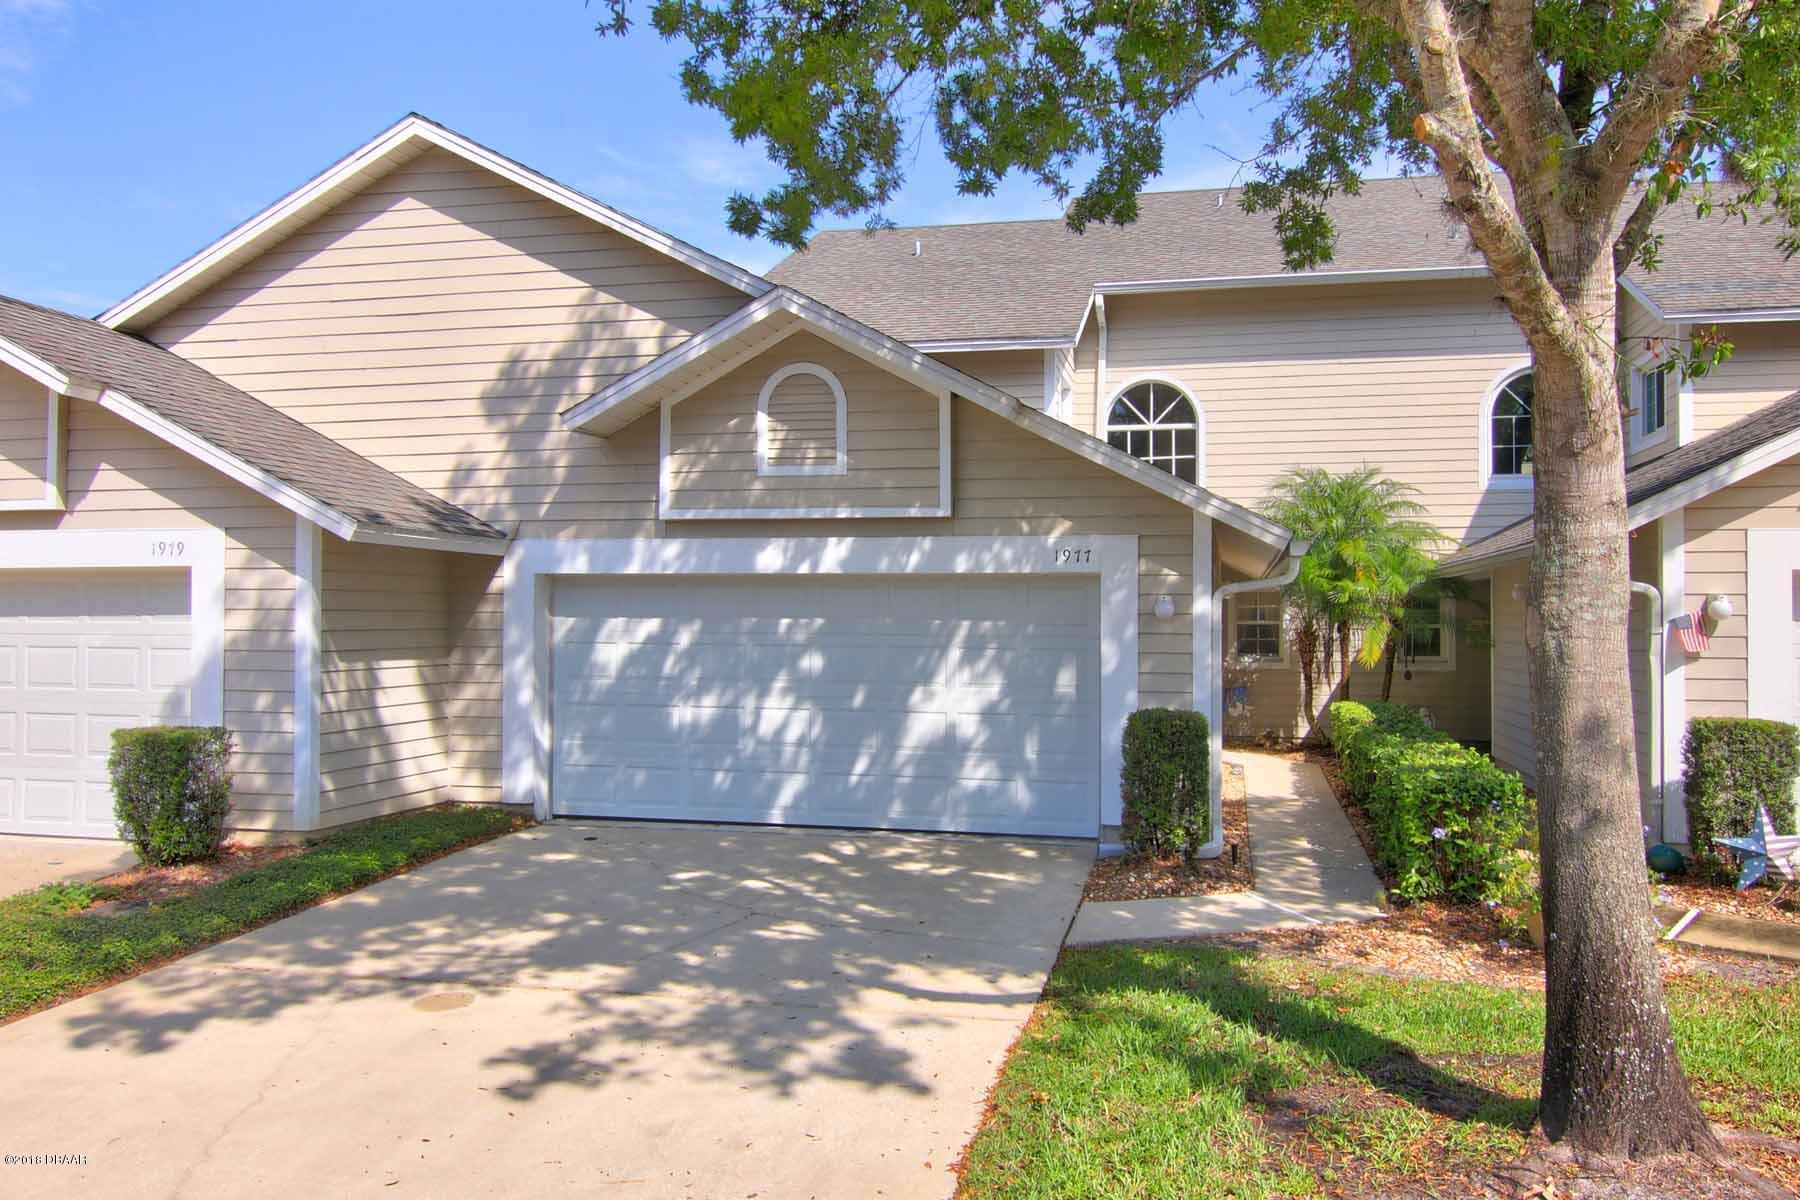 Photo of home for sale at 1977 RutgersPlace, Port Orange FL